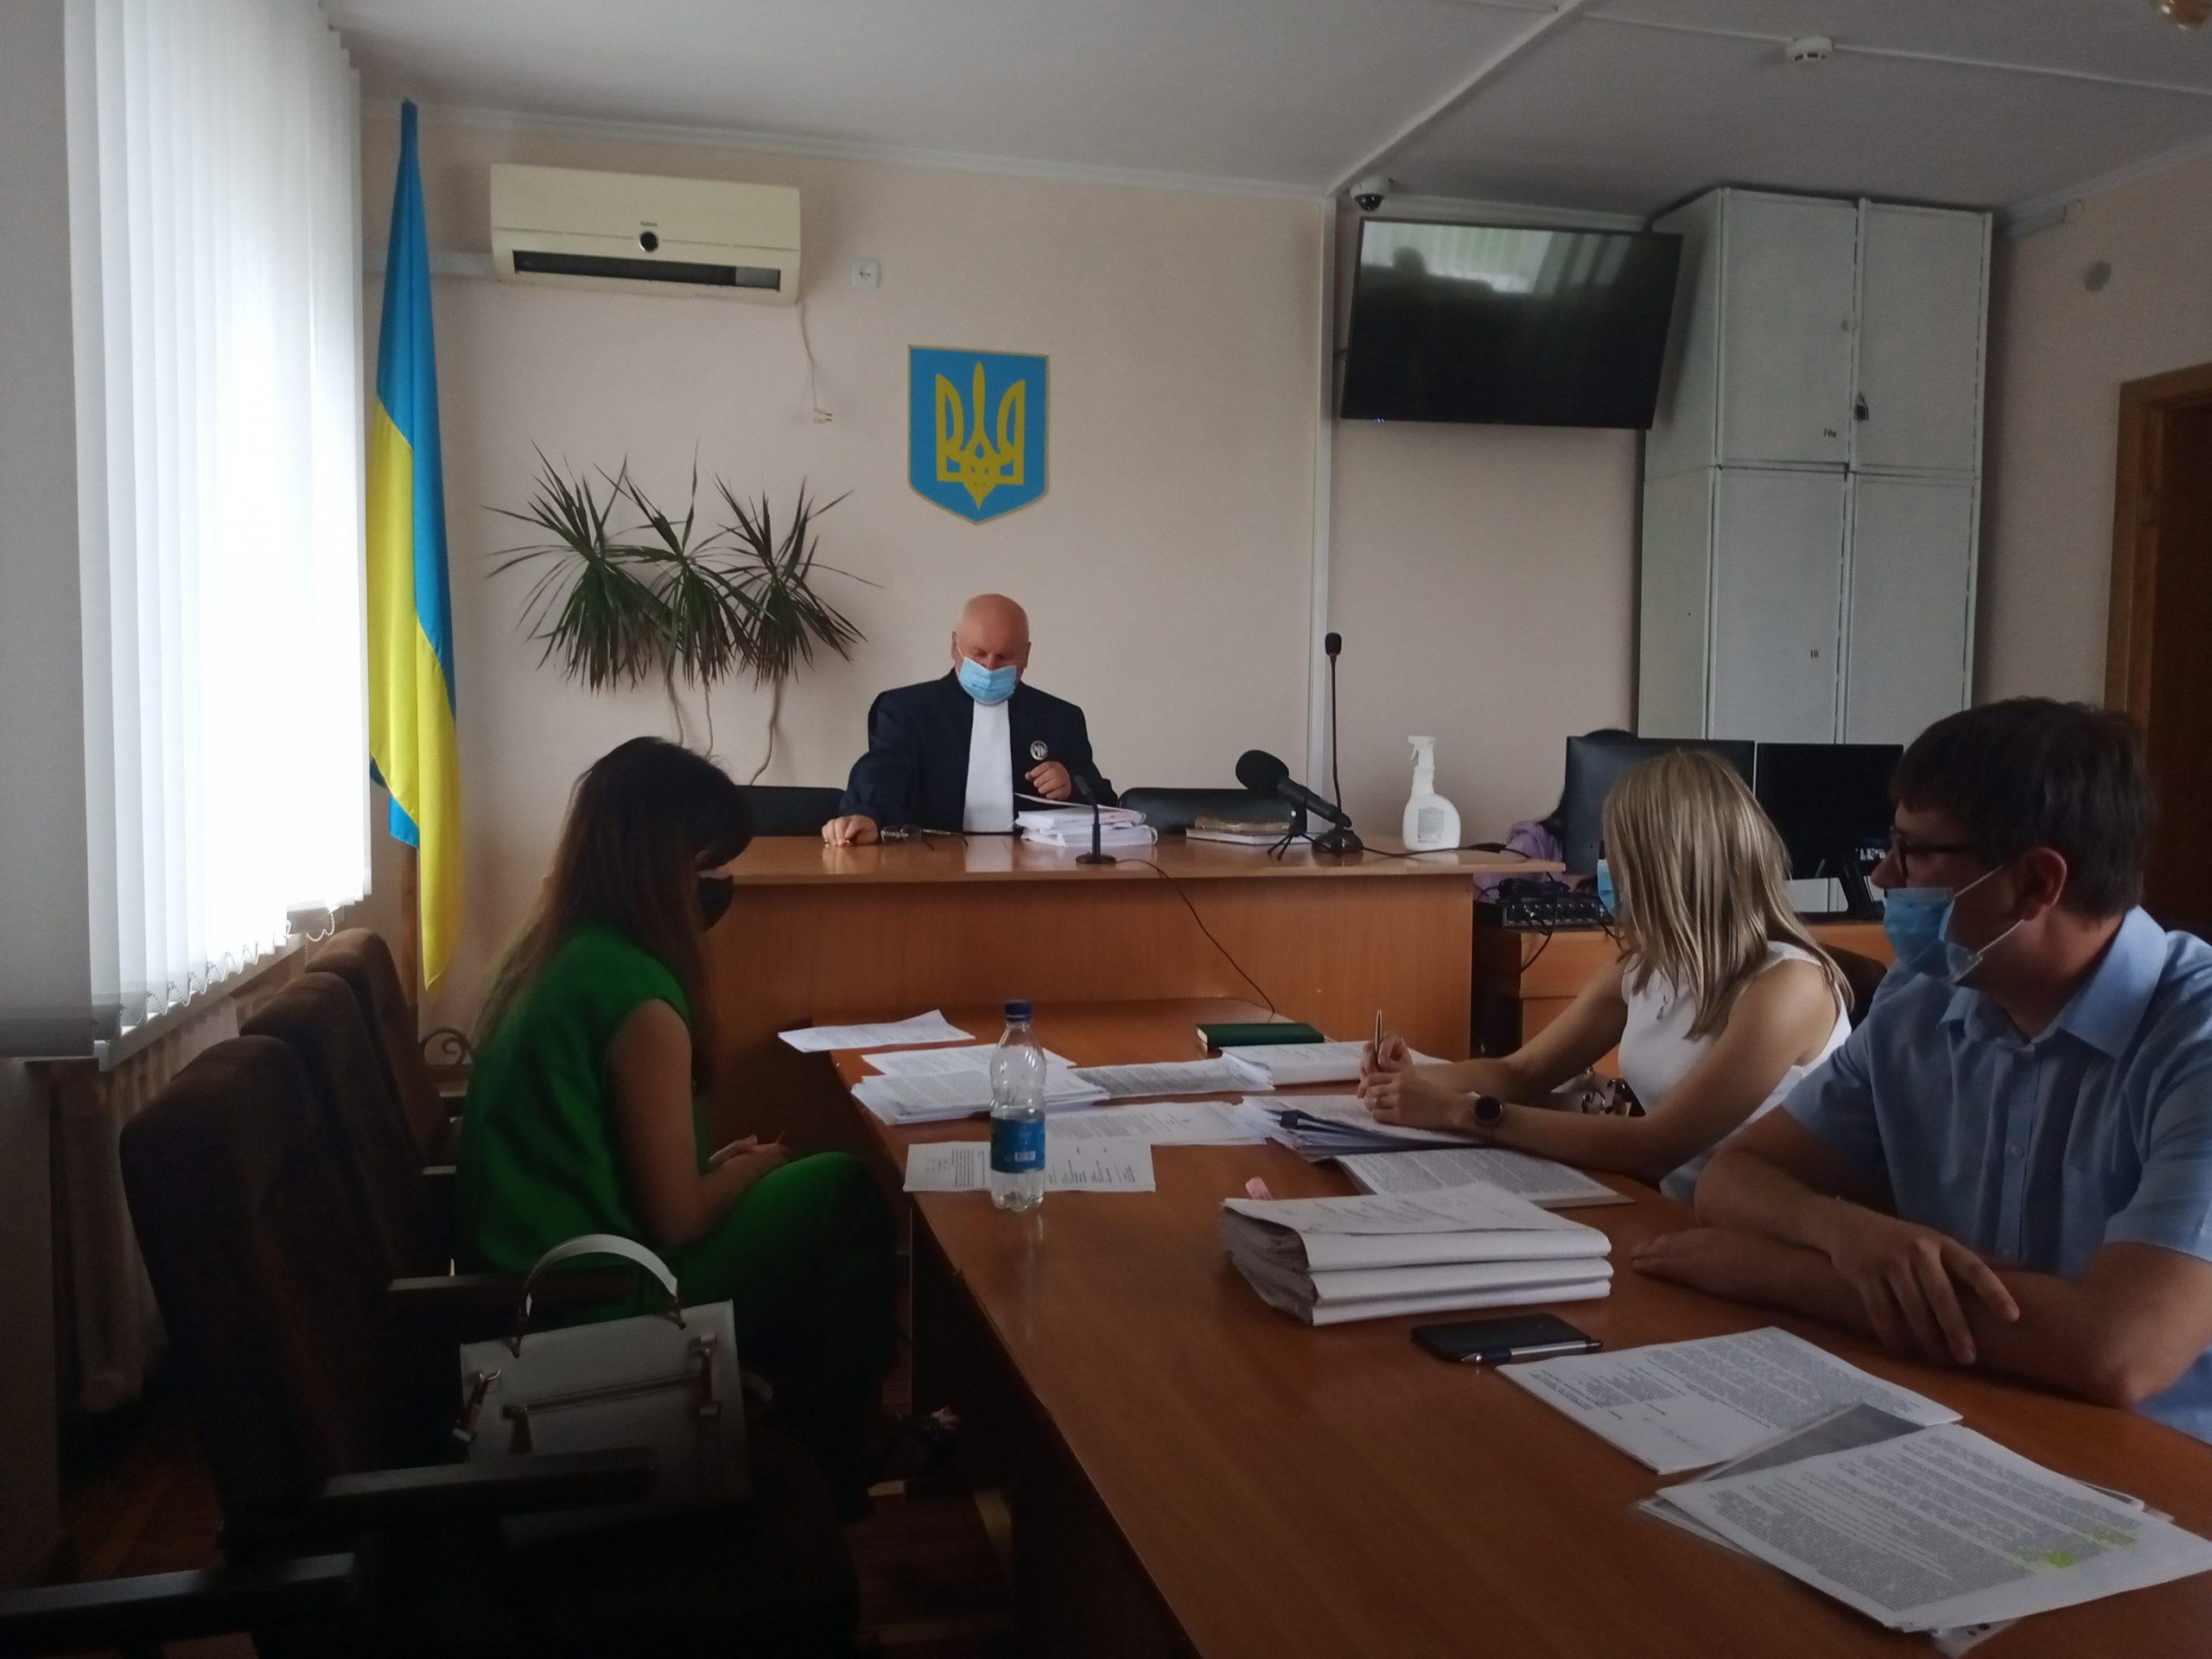 Суд схвалив доцільність перевірки очисних споруд «Азоту»